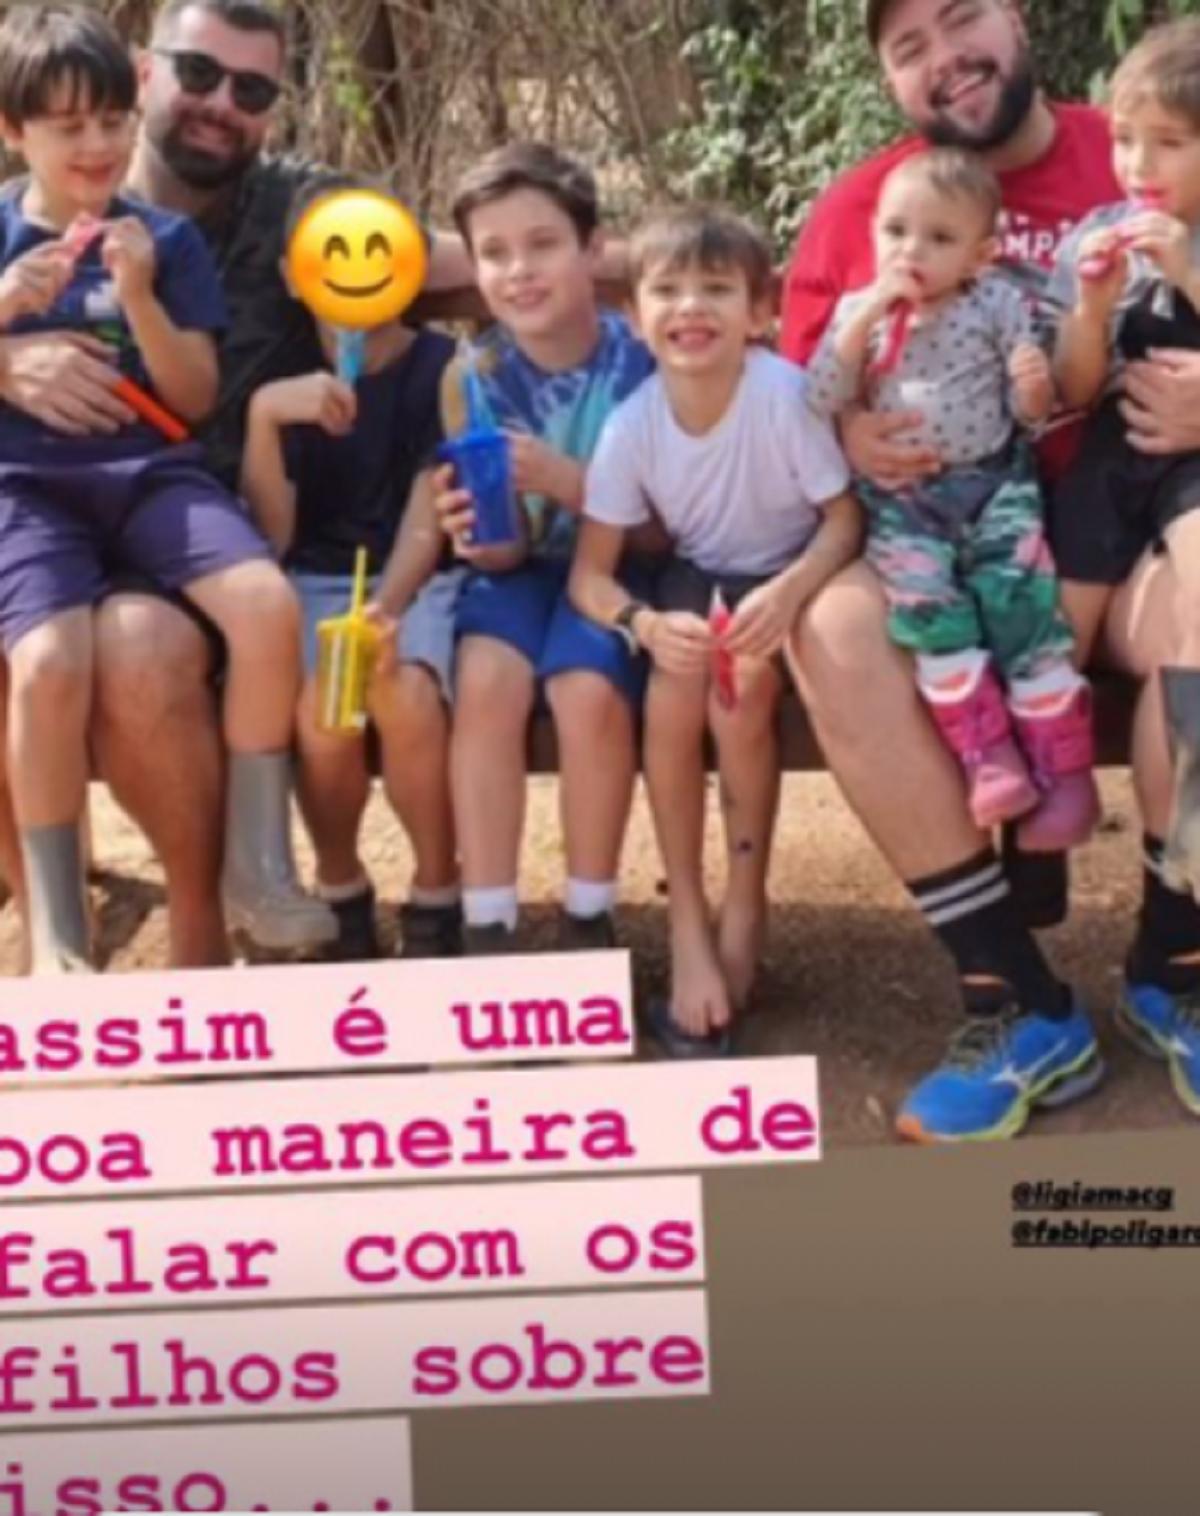 Postagem feita por Cintia Abravanel no Instagram em apoio ao filho